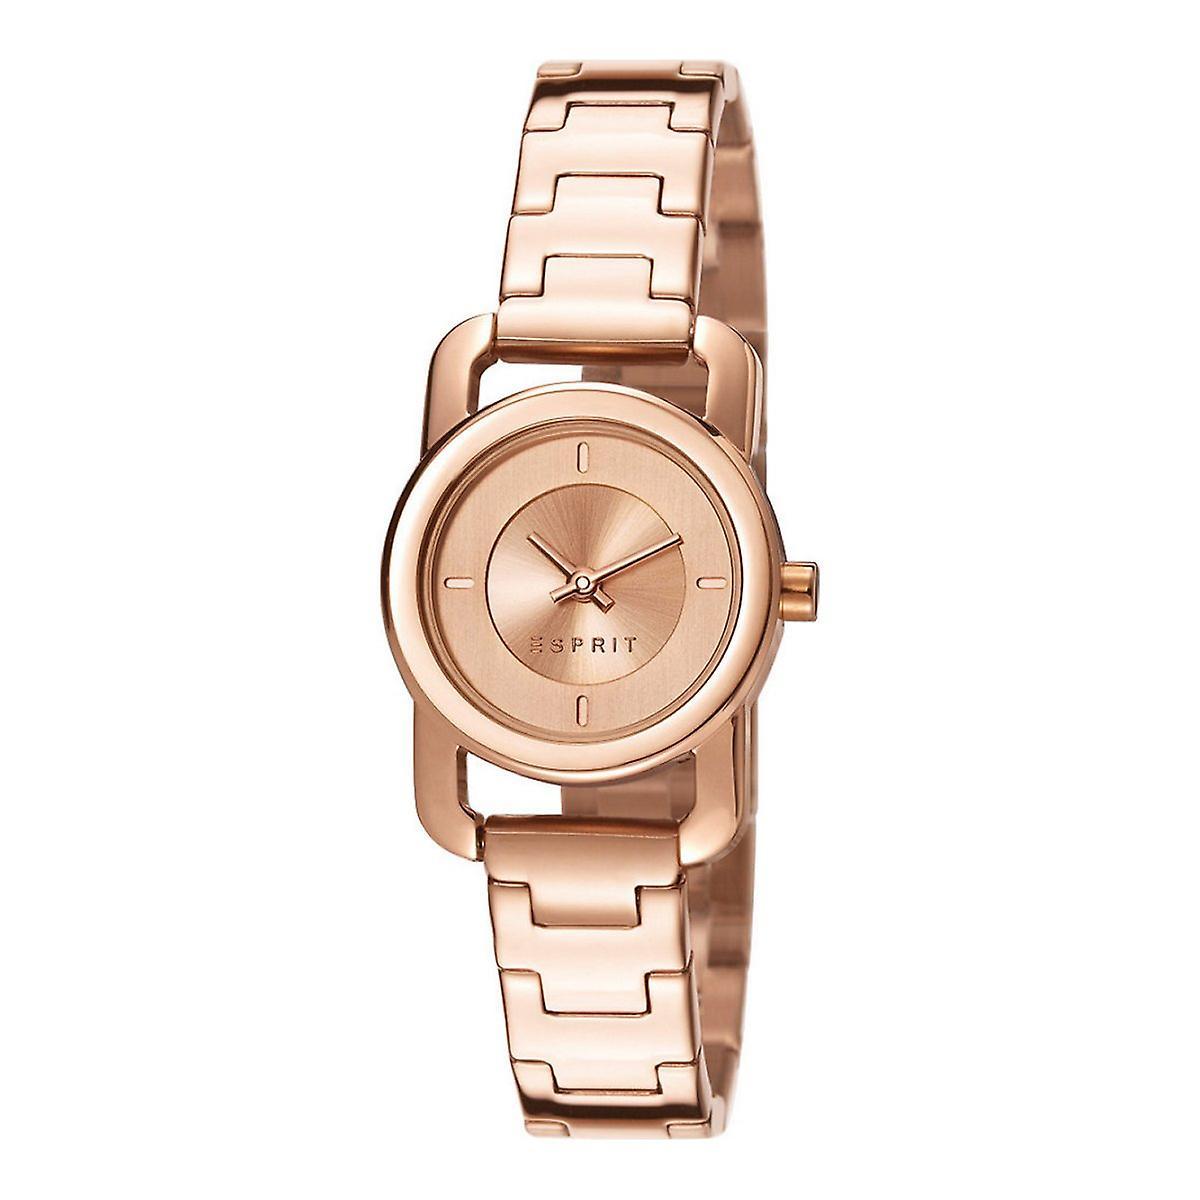 esprit damen uhr armbanduhr dora edelstahl ros es107752004 fruugo. Black Bedroom Furniture Sets. Home Design Ideas